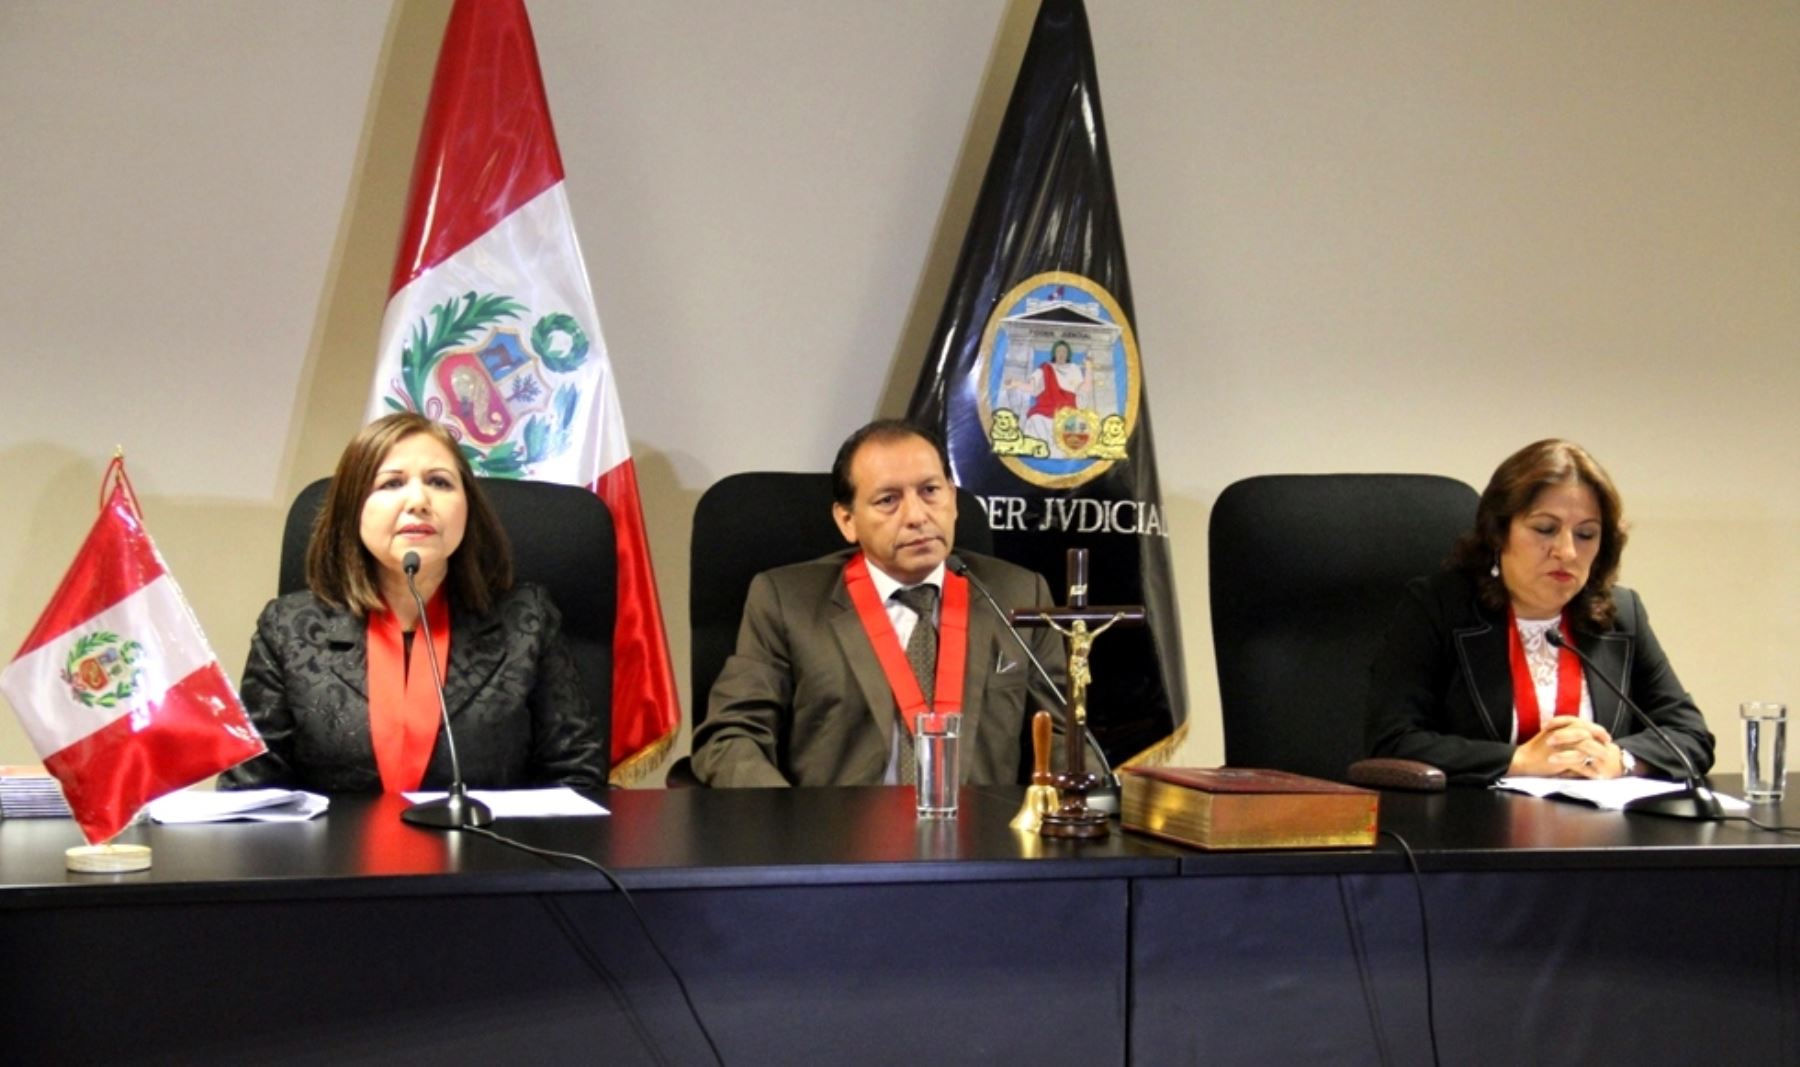 Caso Bagua: última audiencia antes de emisión del voto dirimente de la jueza Castañeda